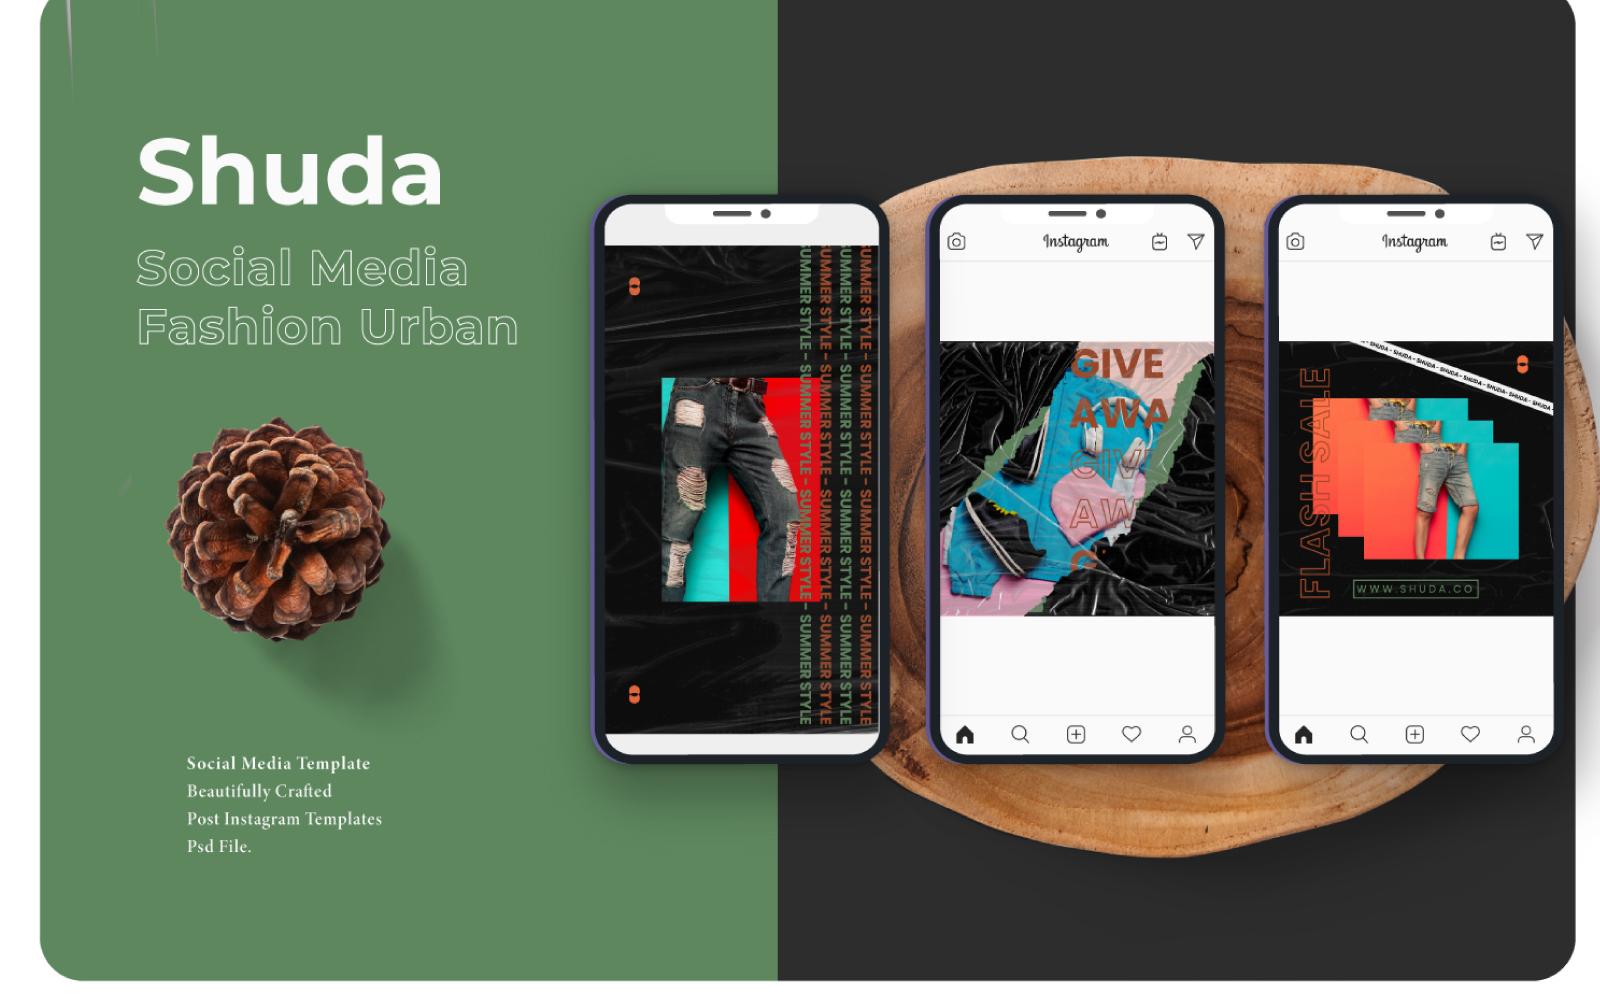 Media społecznościowe Shuda #101399